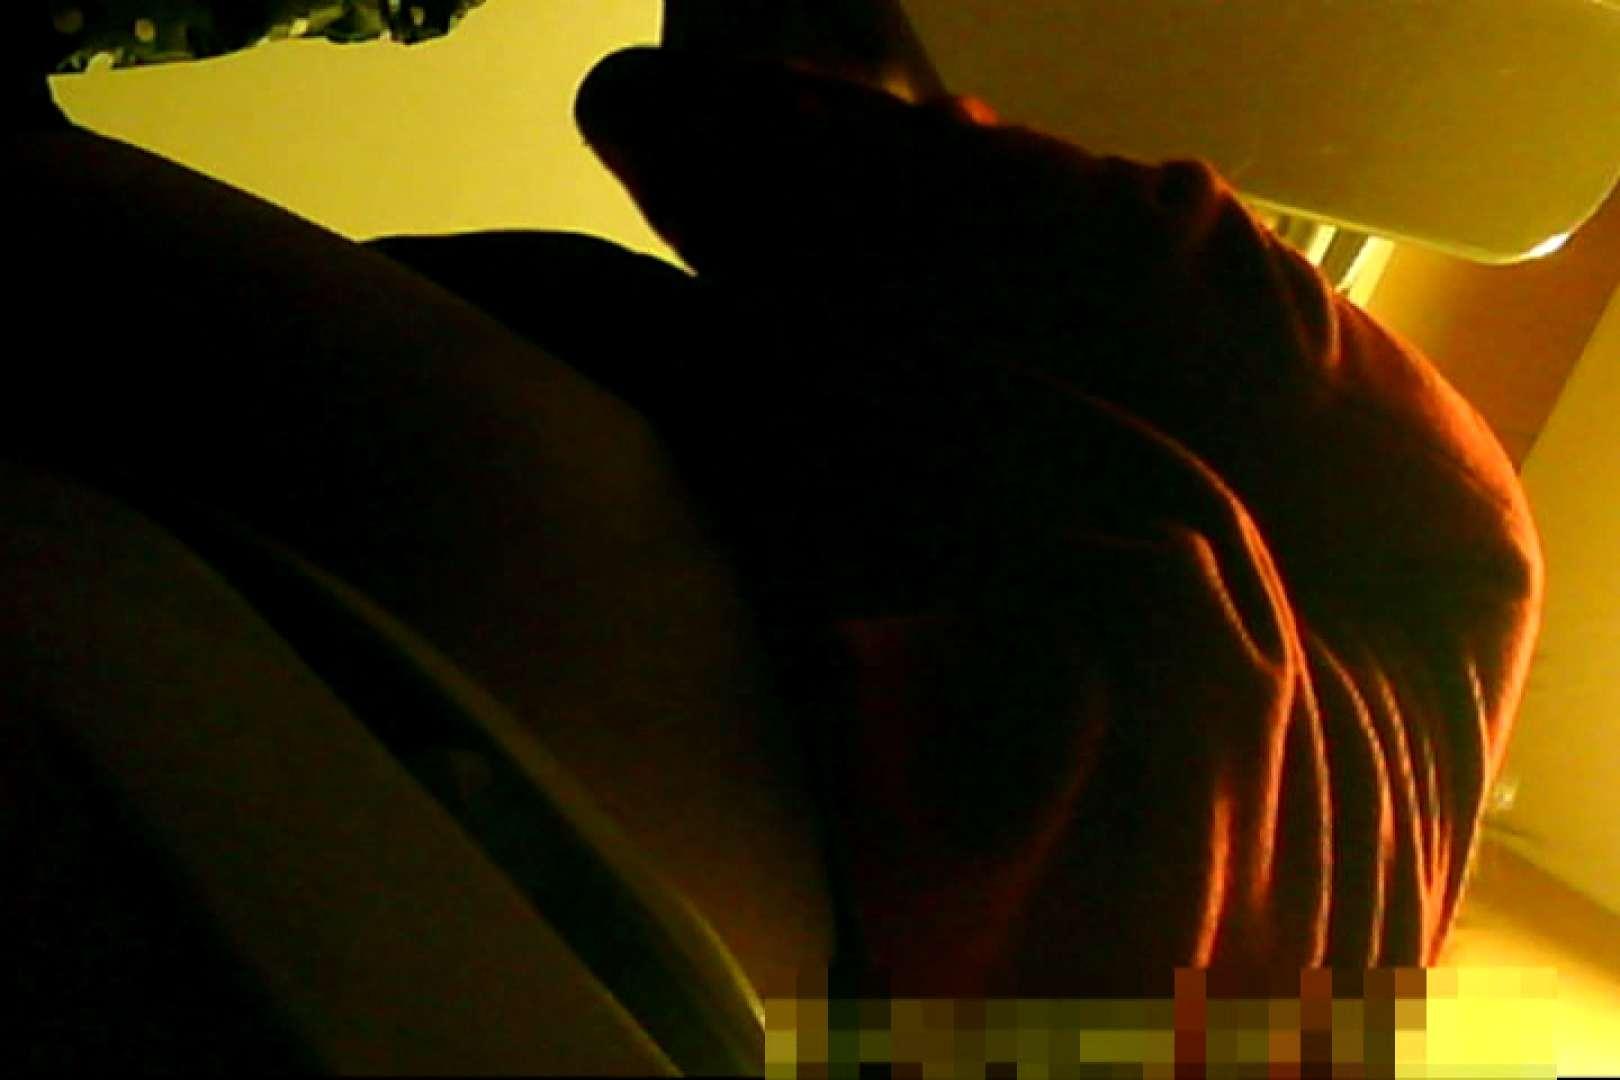 魅惑の化粧室~禁断のプライベート空間~vol.10 美しいOLの裸体  102pic 39